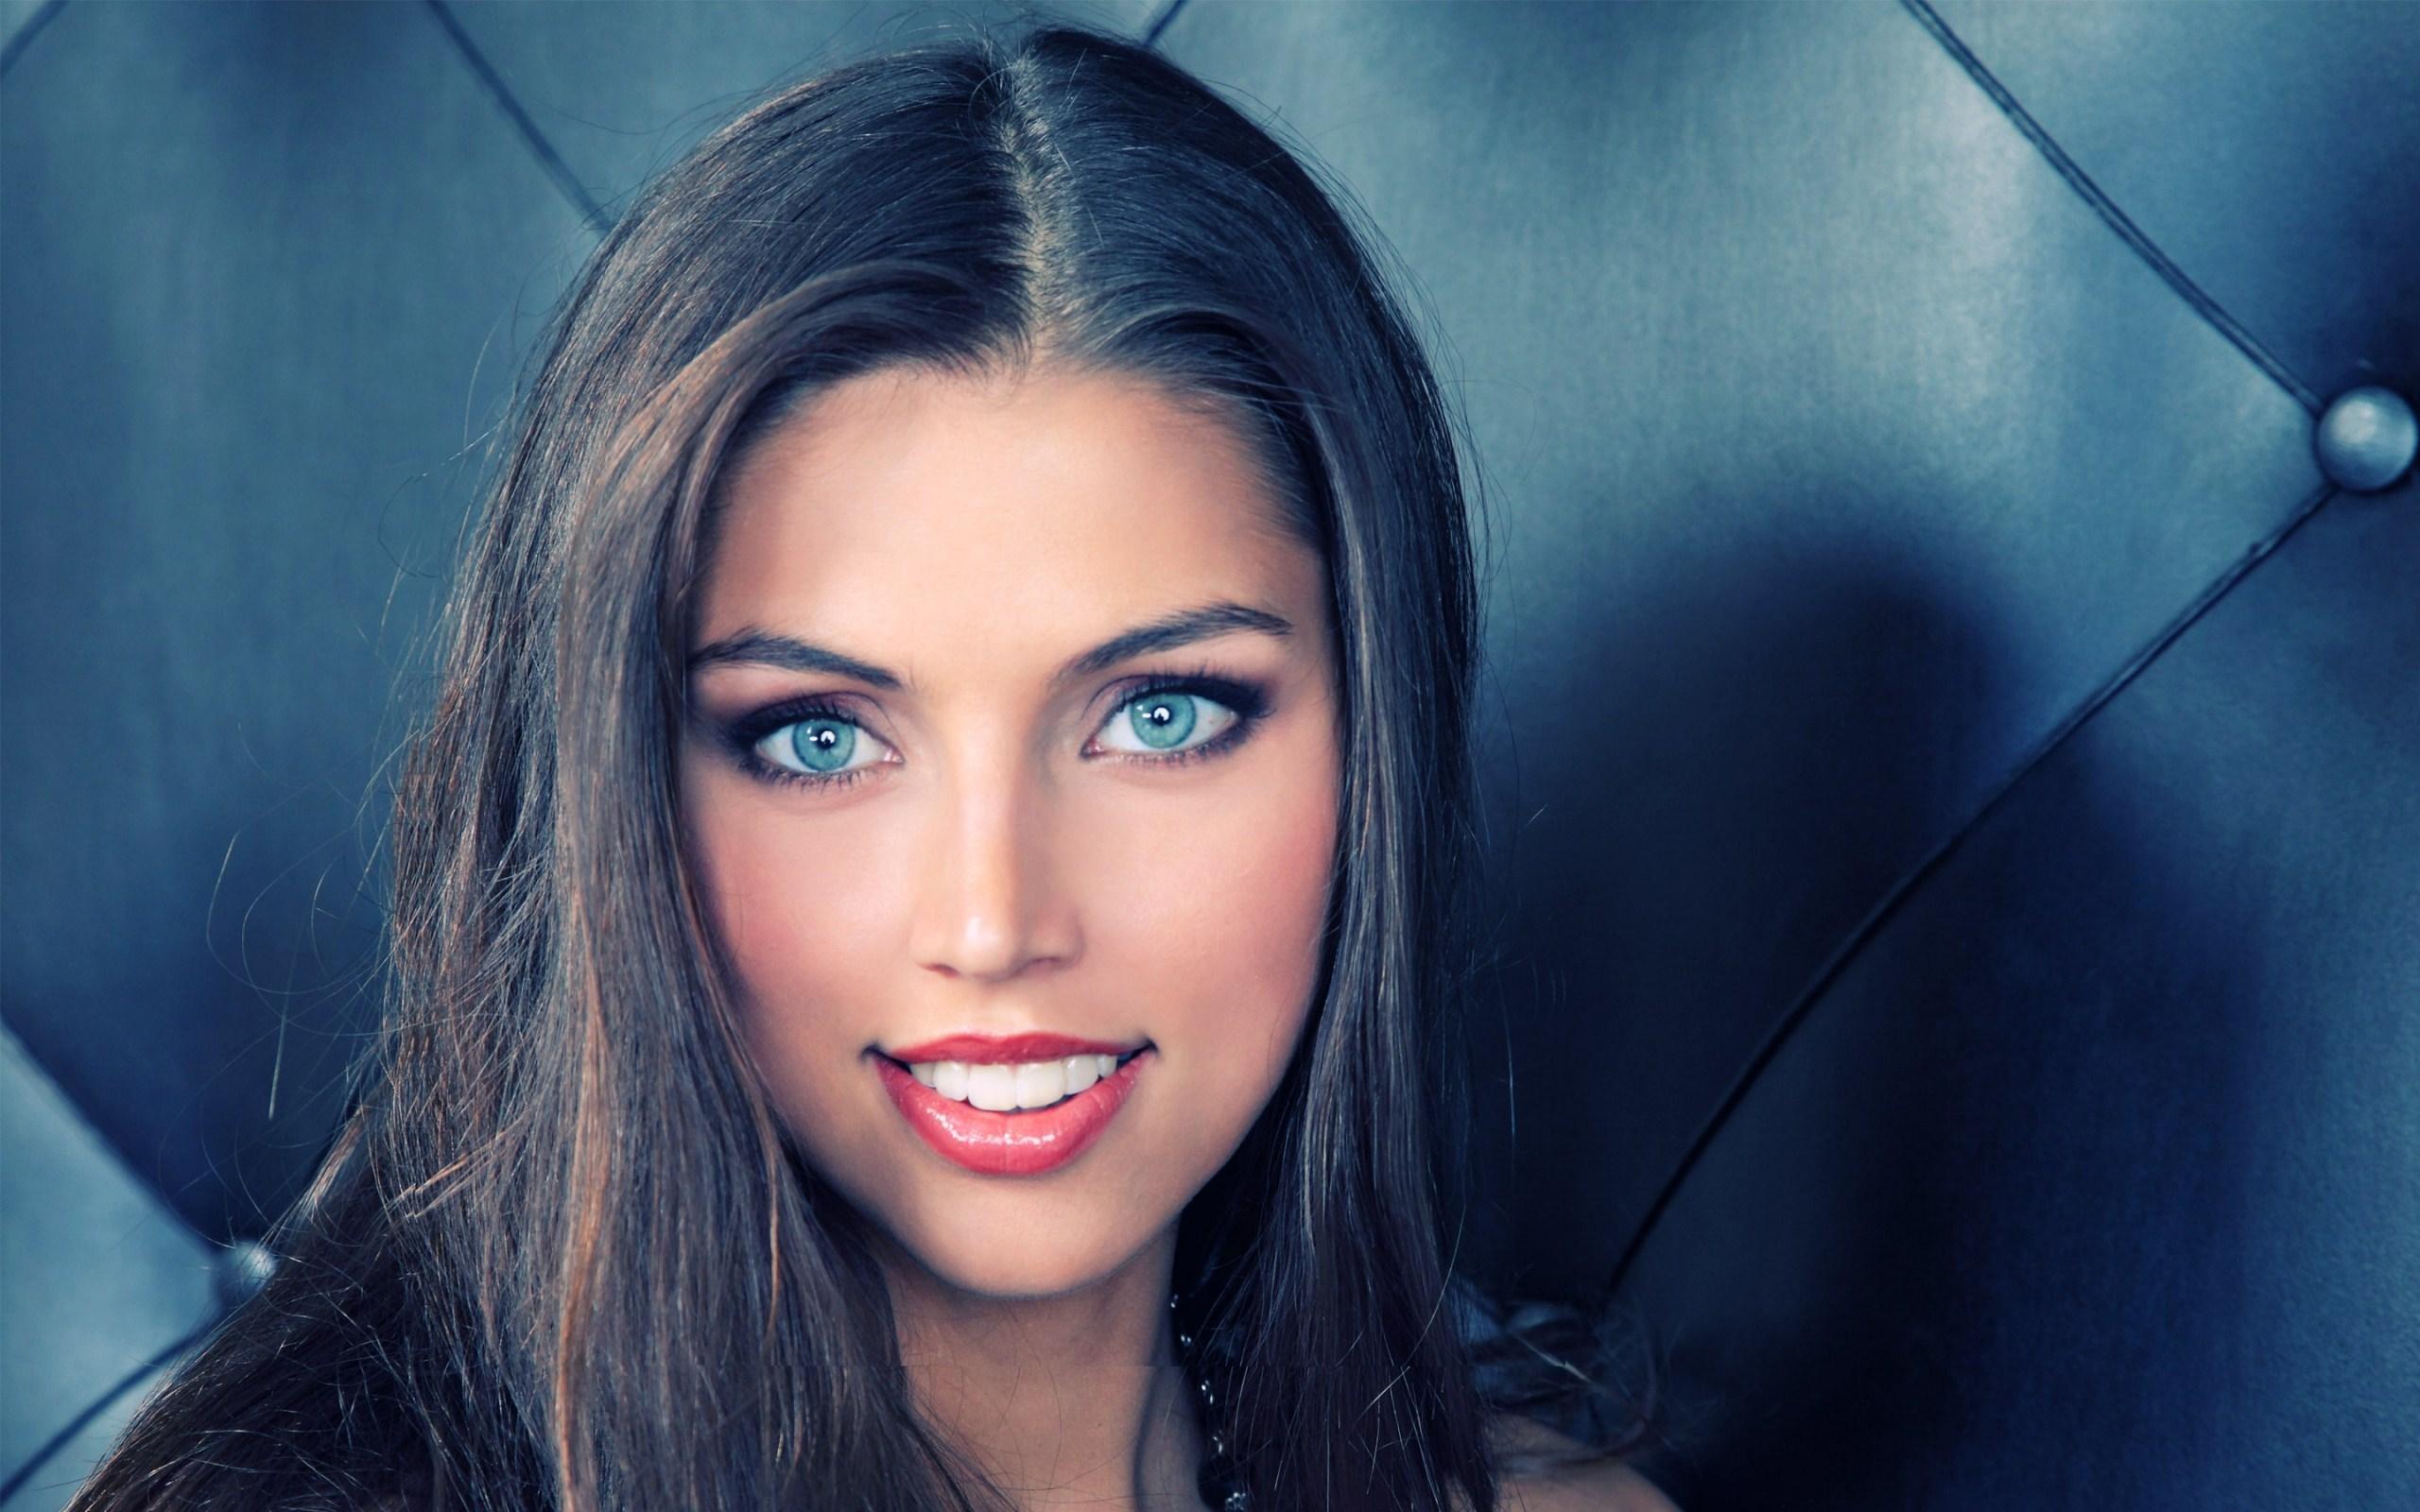 Lovely Smile Girl Portrait